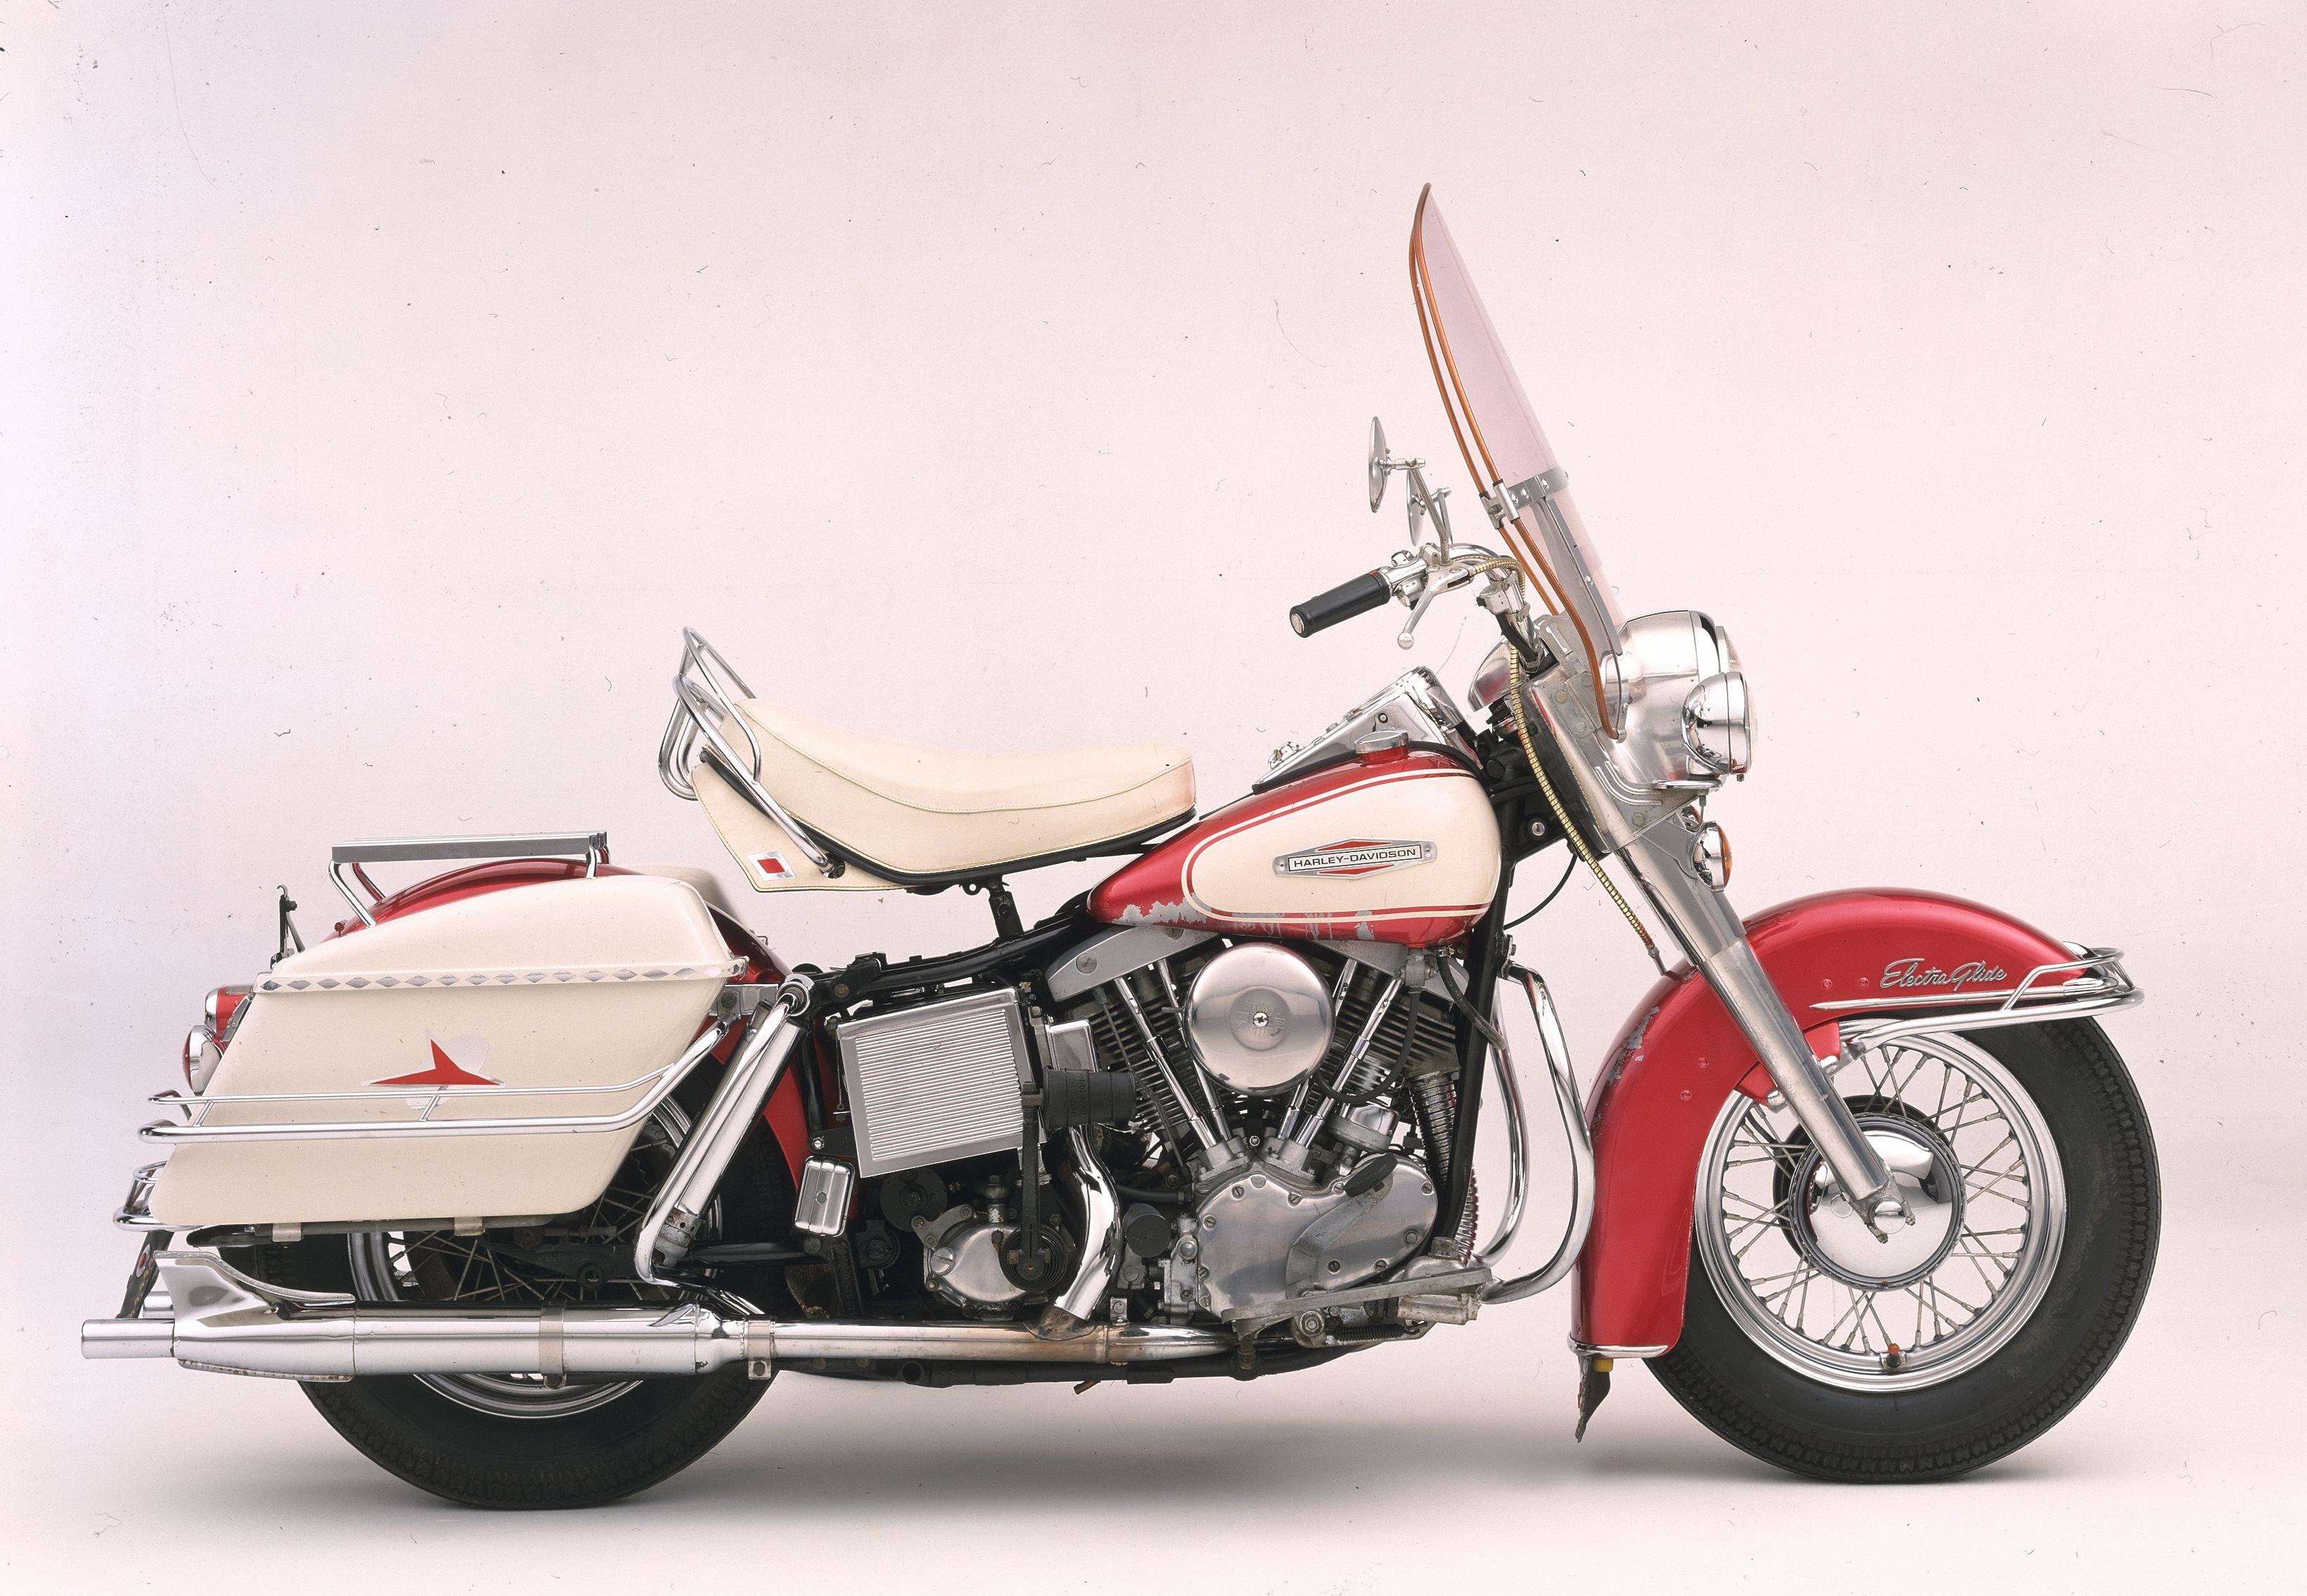 1970 Harley Davidson Shovelhead Wiring Harley Davidson Shovelhead V Twin Motorcycles History Of